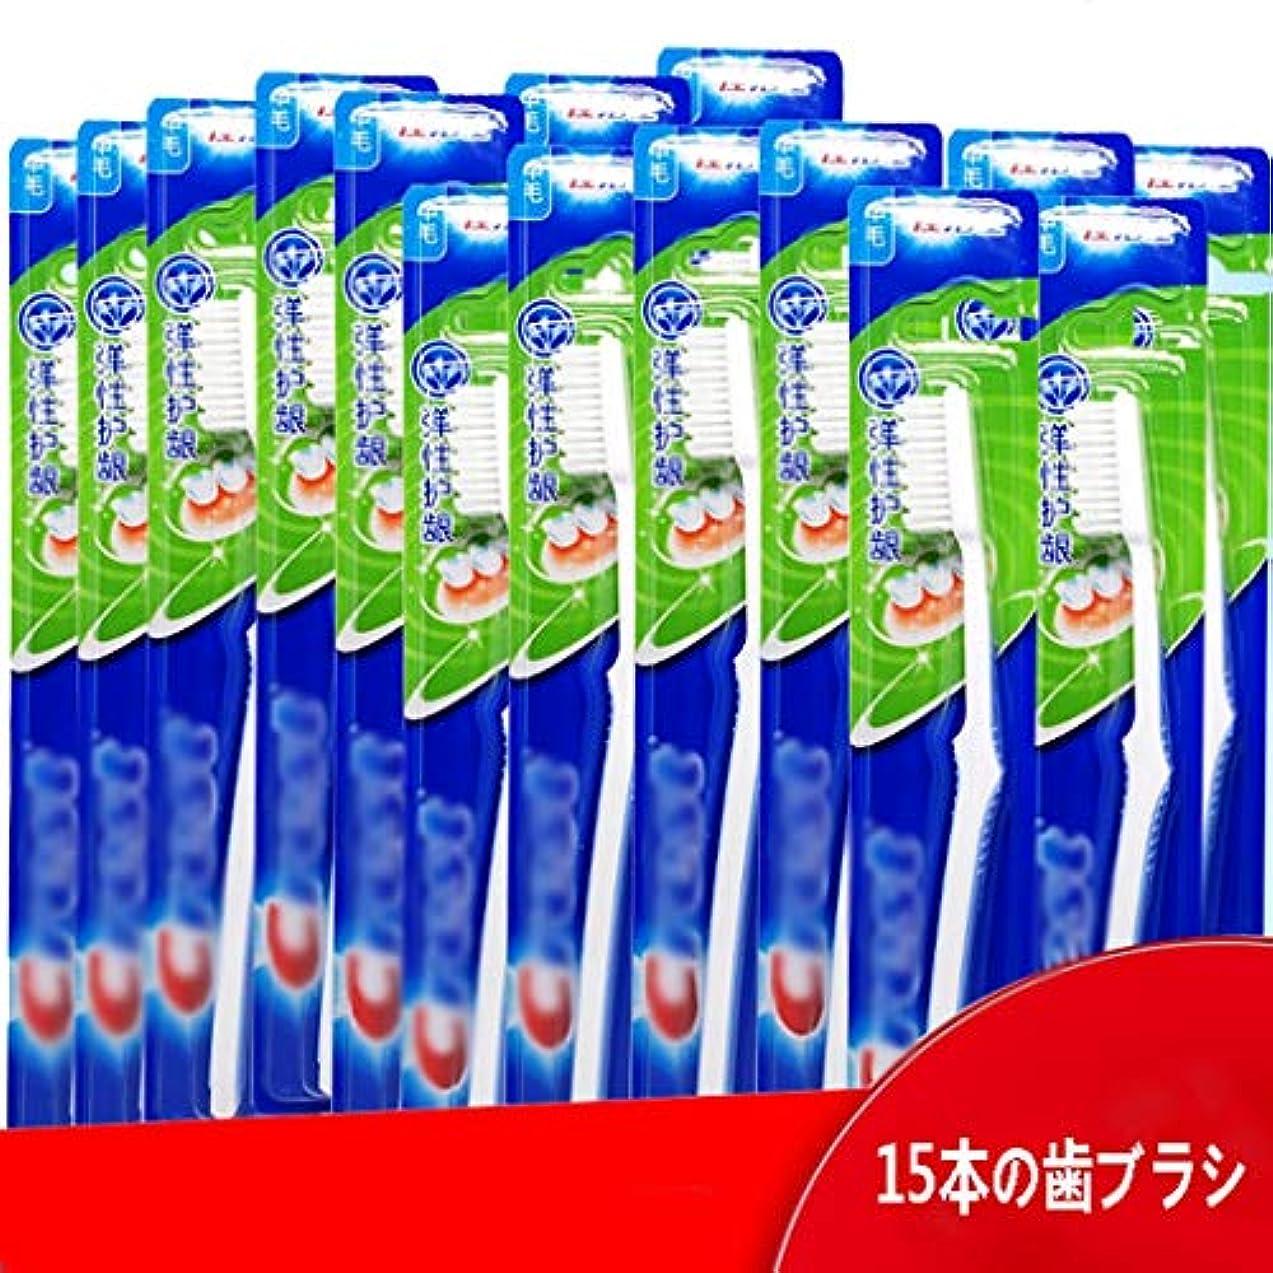 半島冷淡な母音15本の手動歯ブラシ、大人家族歯ブラシ(ランダムカラー)